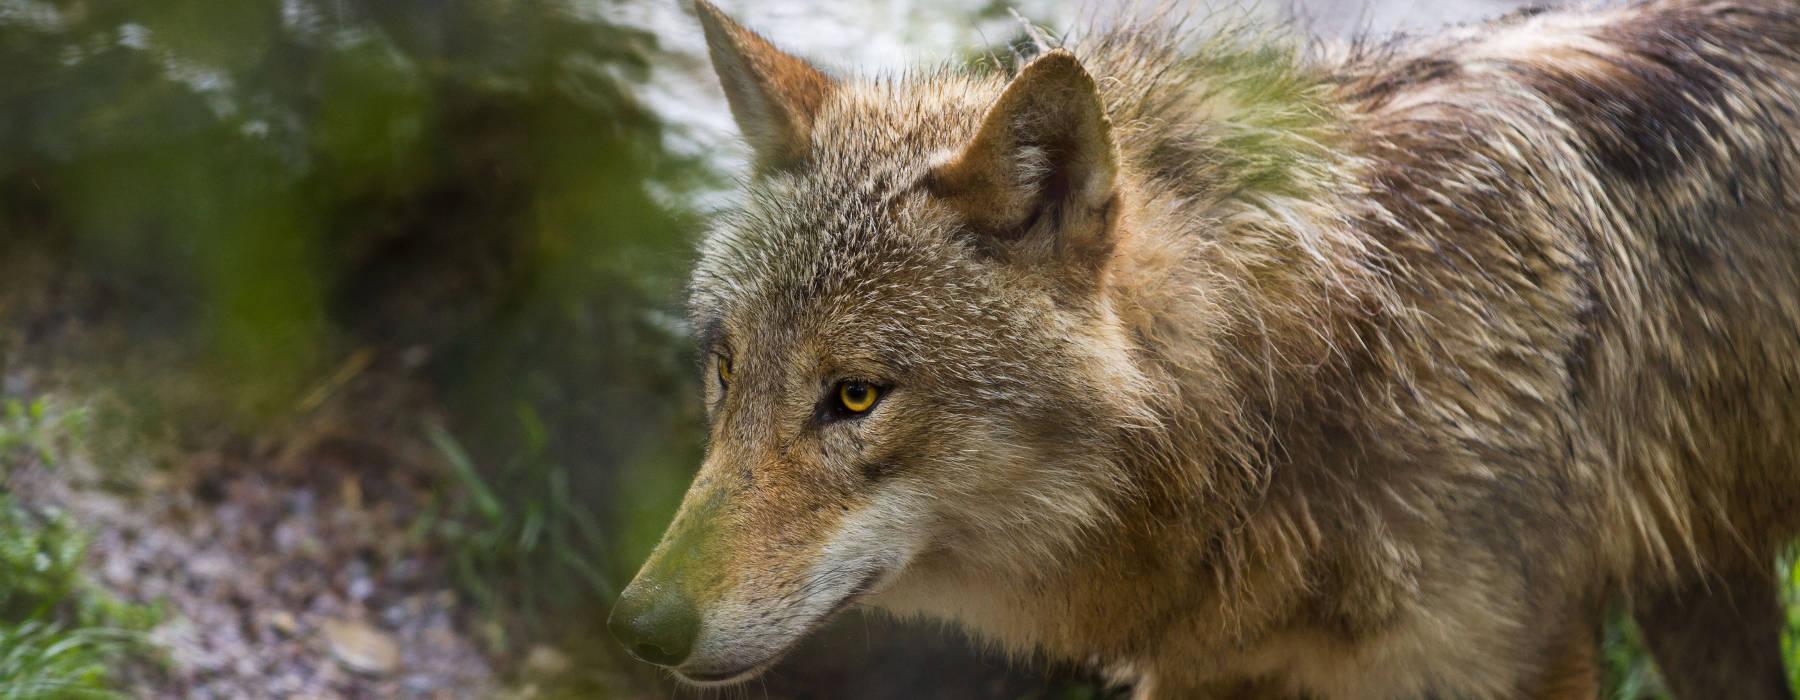 Nijs FNP - Natuer en lanskip - Wolf